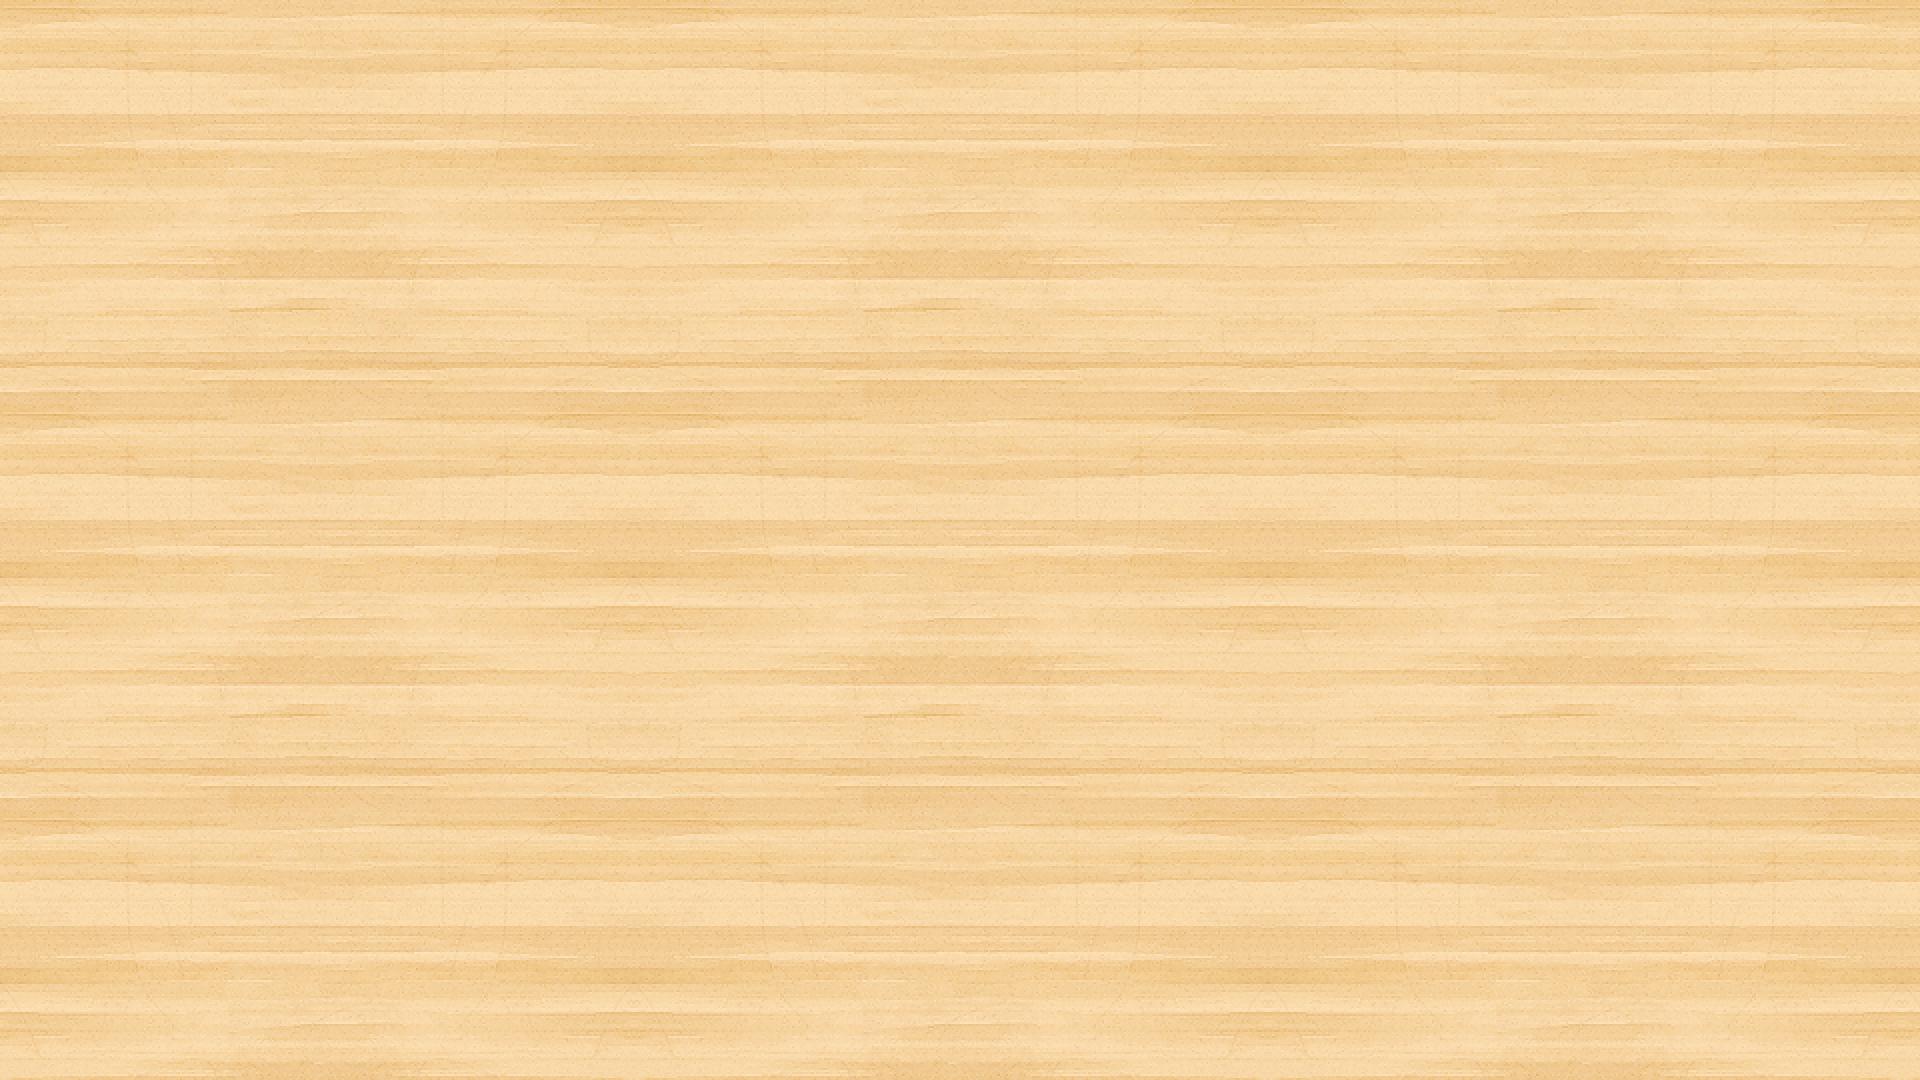 Color Scheme Bowling Alley Wood Aldea Goals Wood